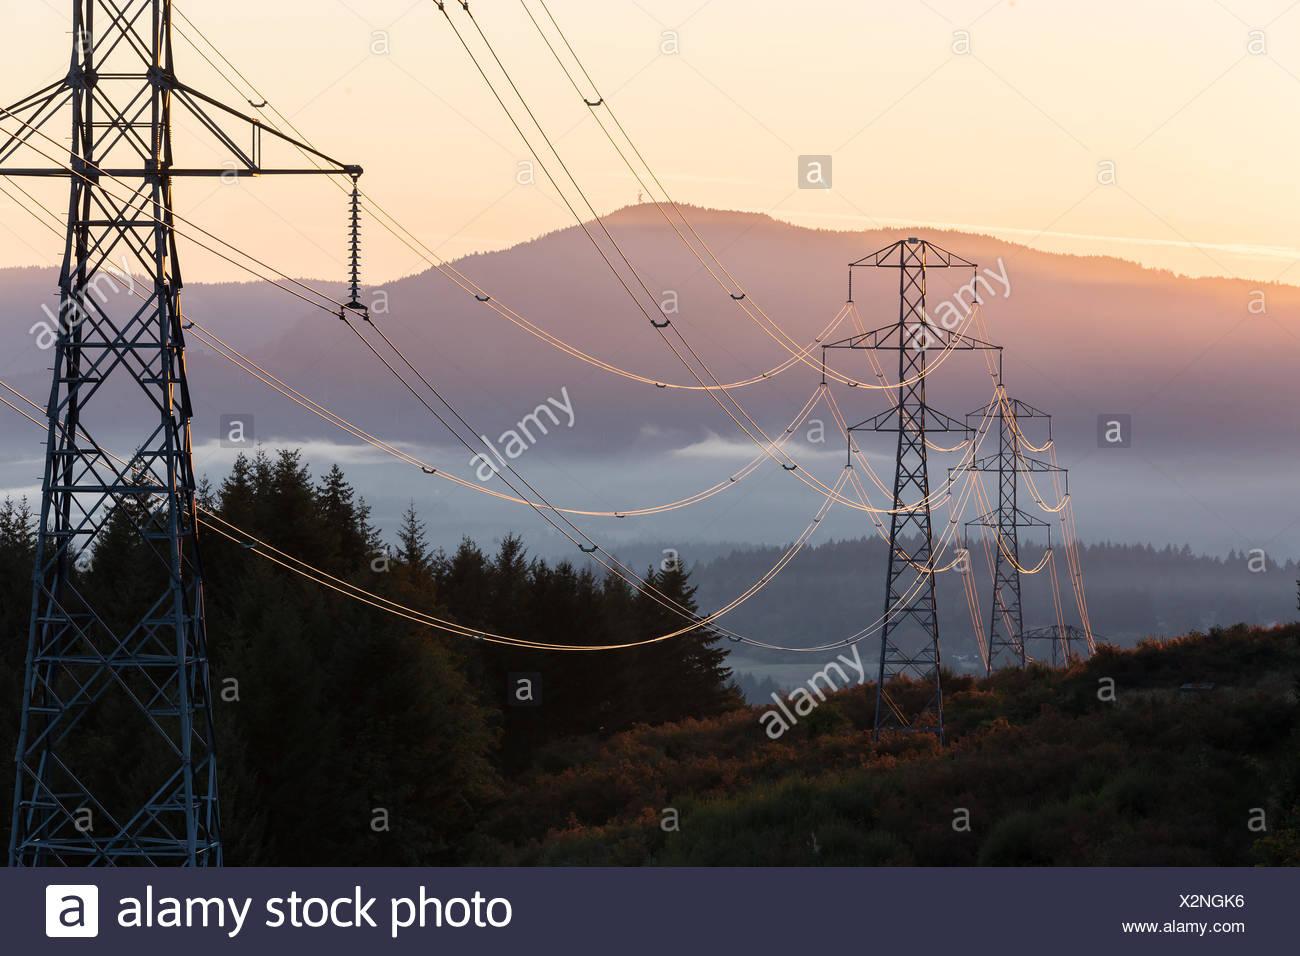 Líneas eléctricas de alta tensión están iluminados por un amanecer temprano. Duncan, isla de Vancouver, British Columbia, Canadá. Imagen De Stock